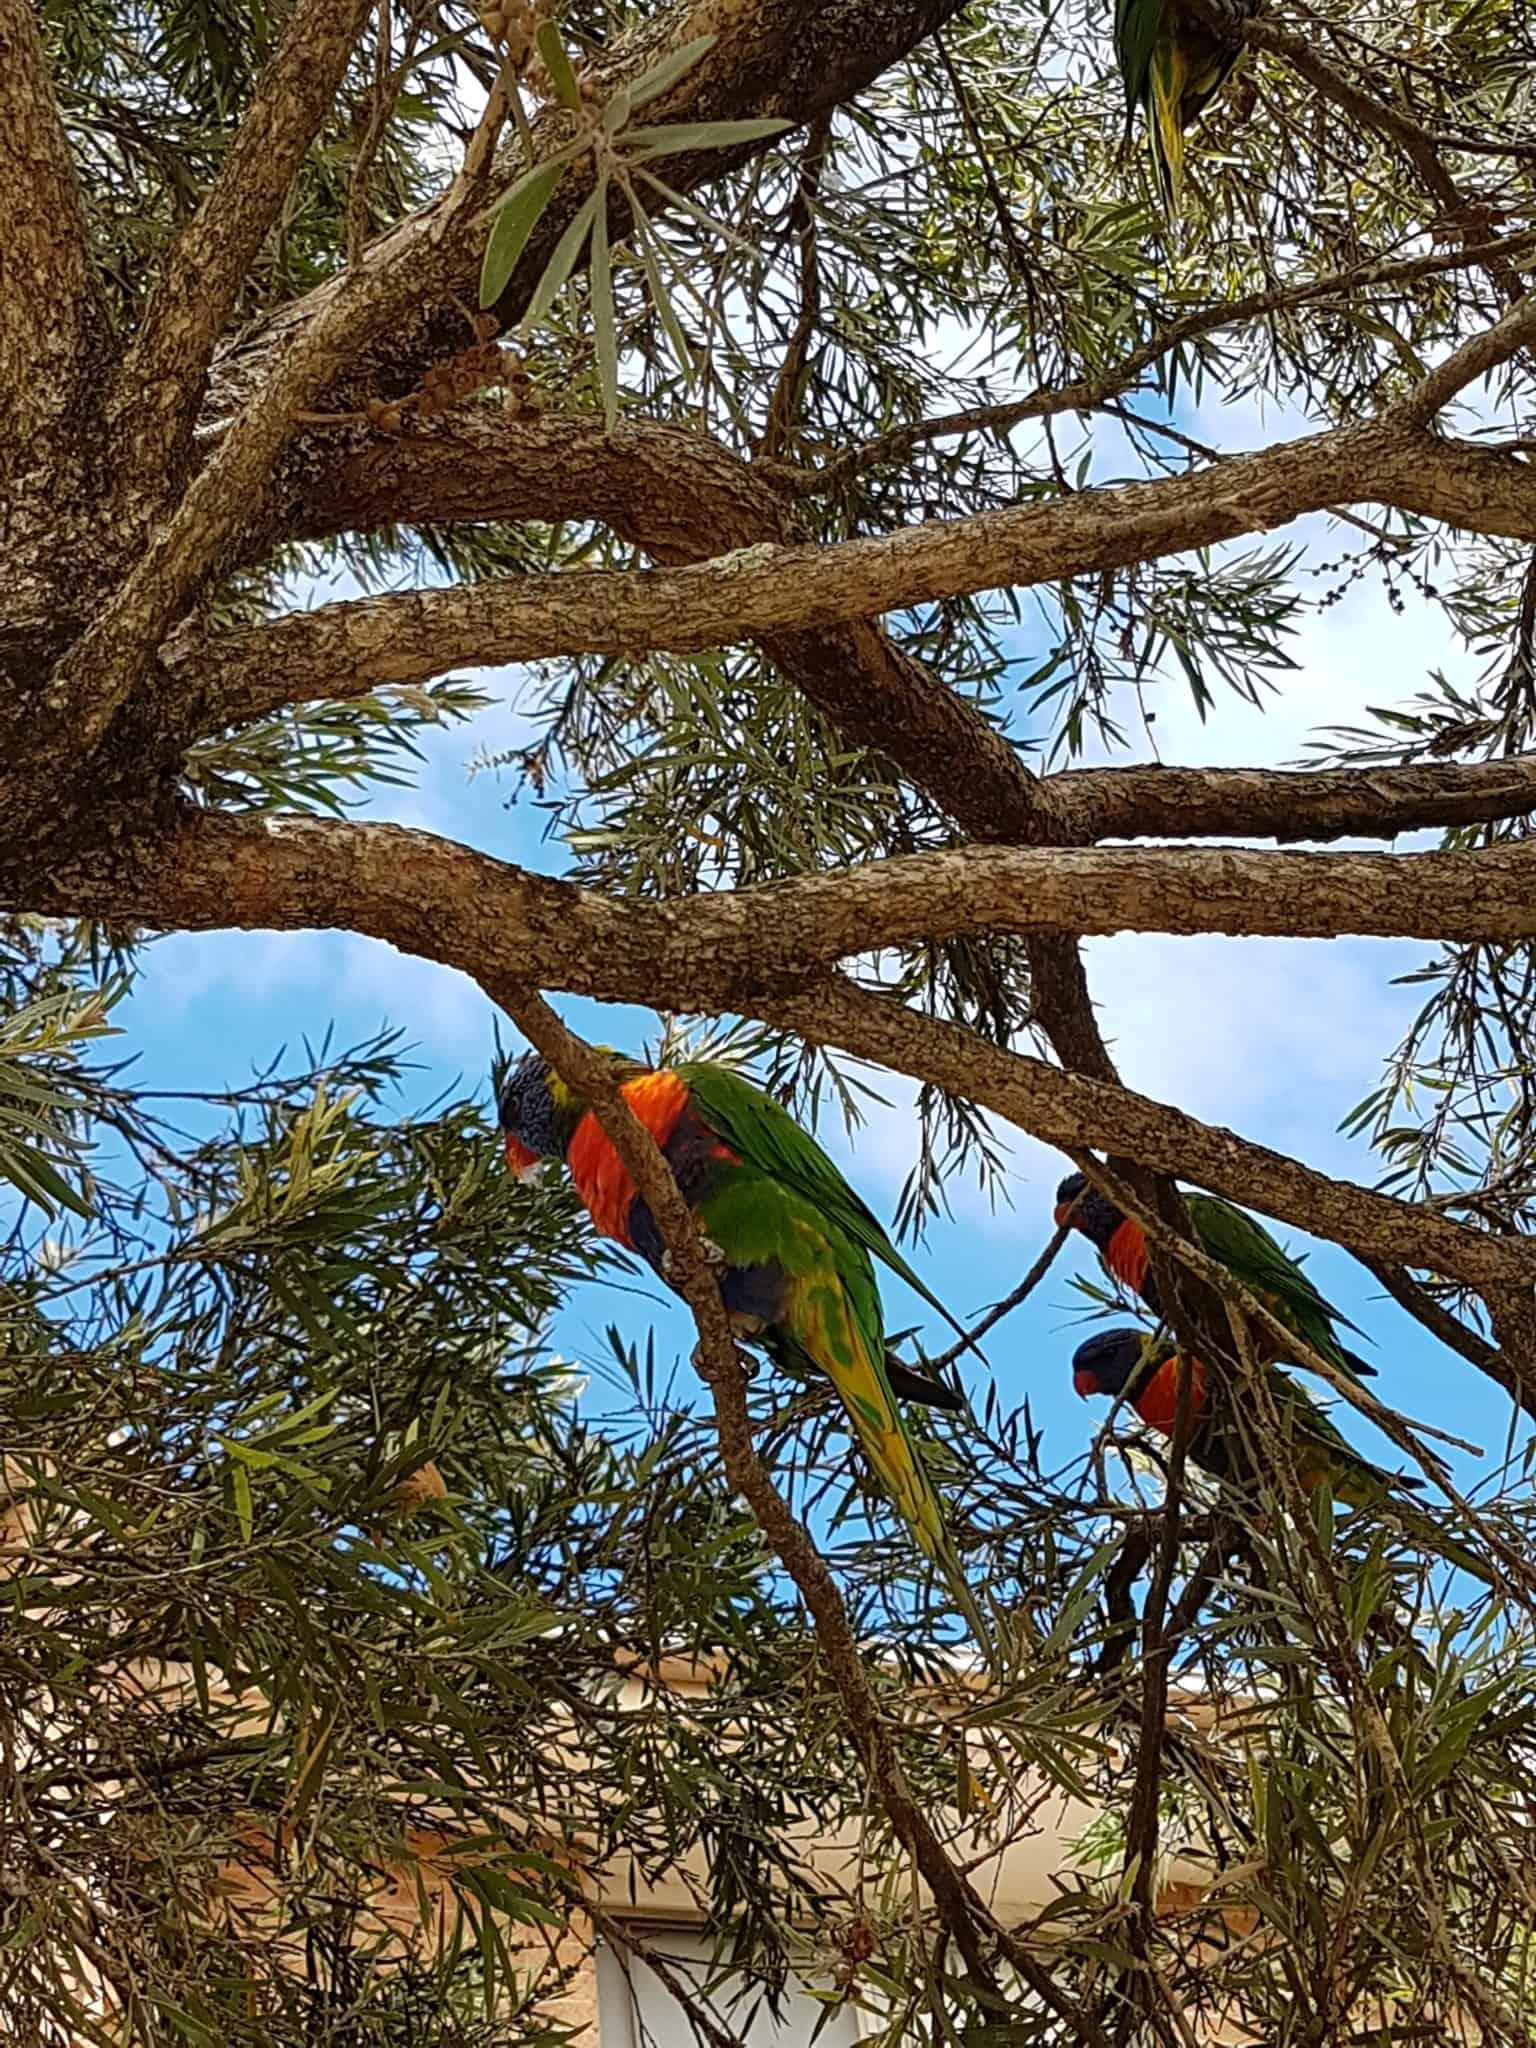 Australie, trois jours dans le quartier de Bondi Beach ⛱ 1